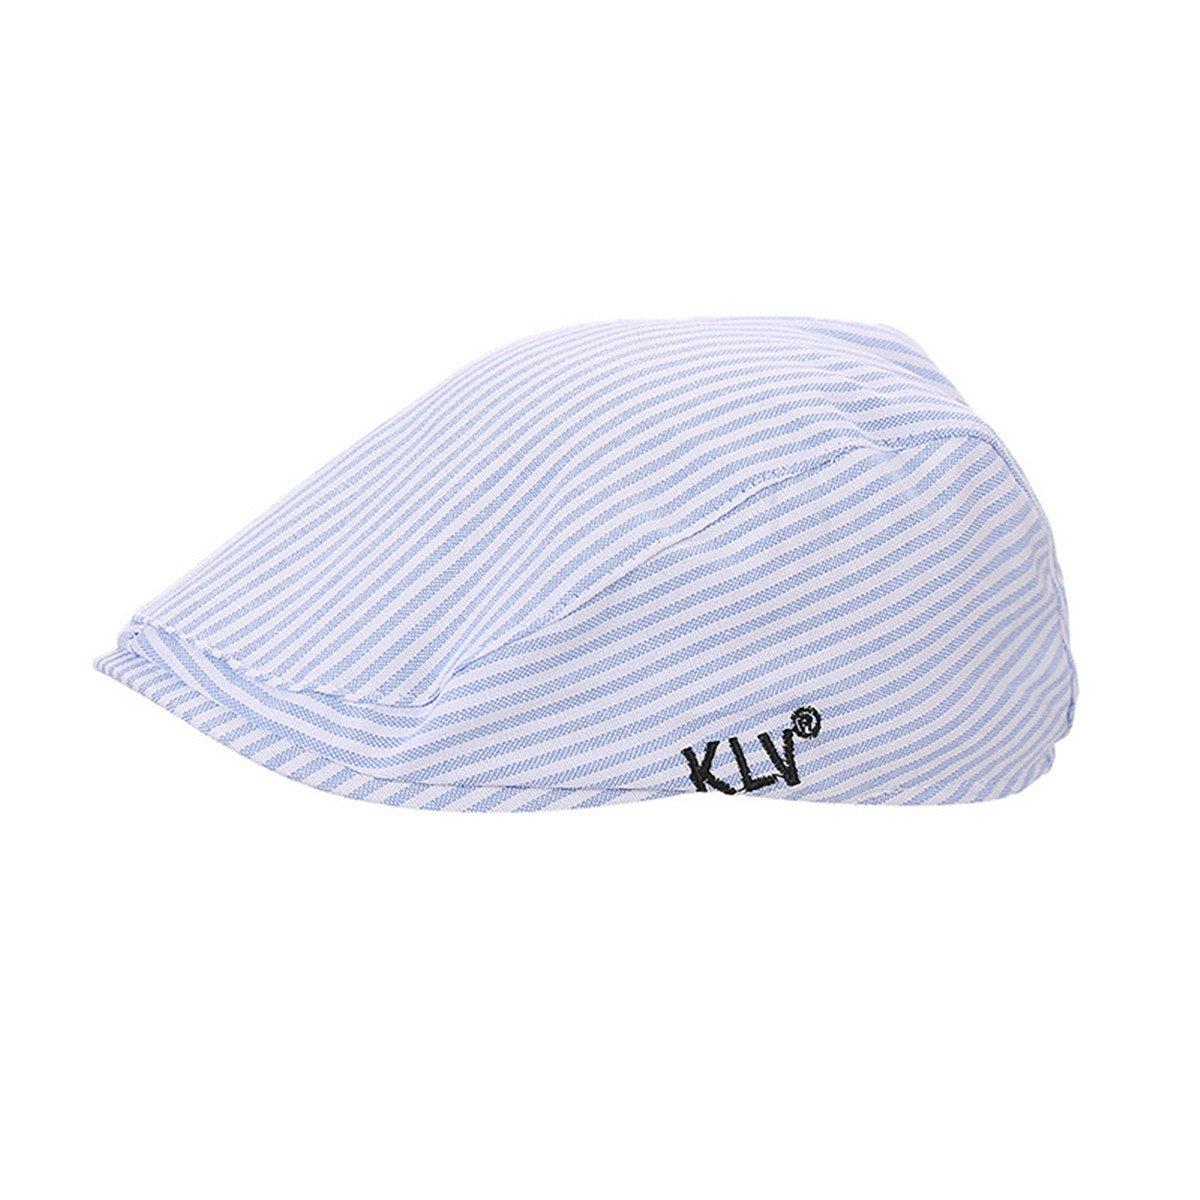 DWE Baby Boy Flat Cap, Cotton Gatsby Winter Flat Hat Beret Cap for Toddler Boys Kids